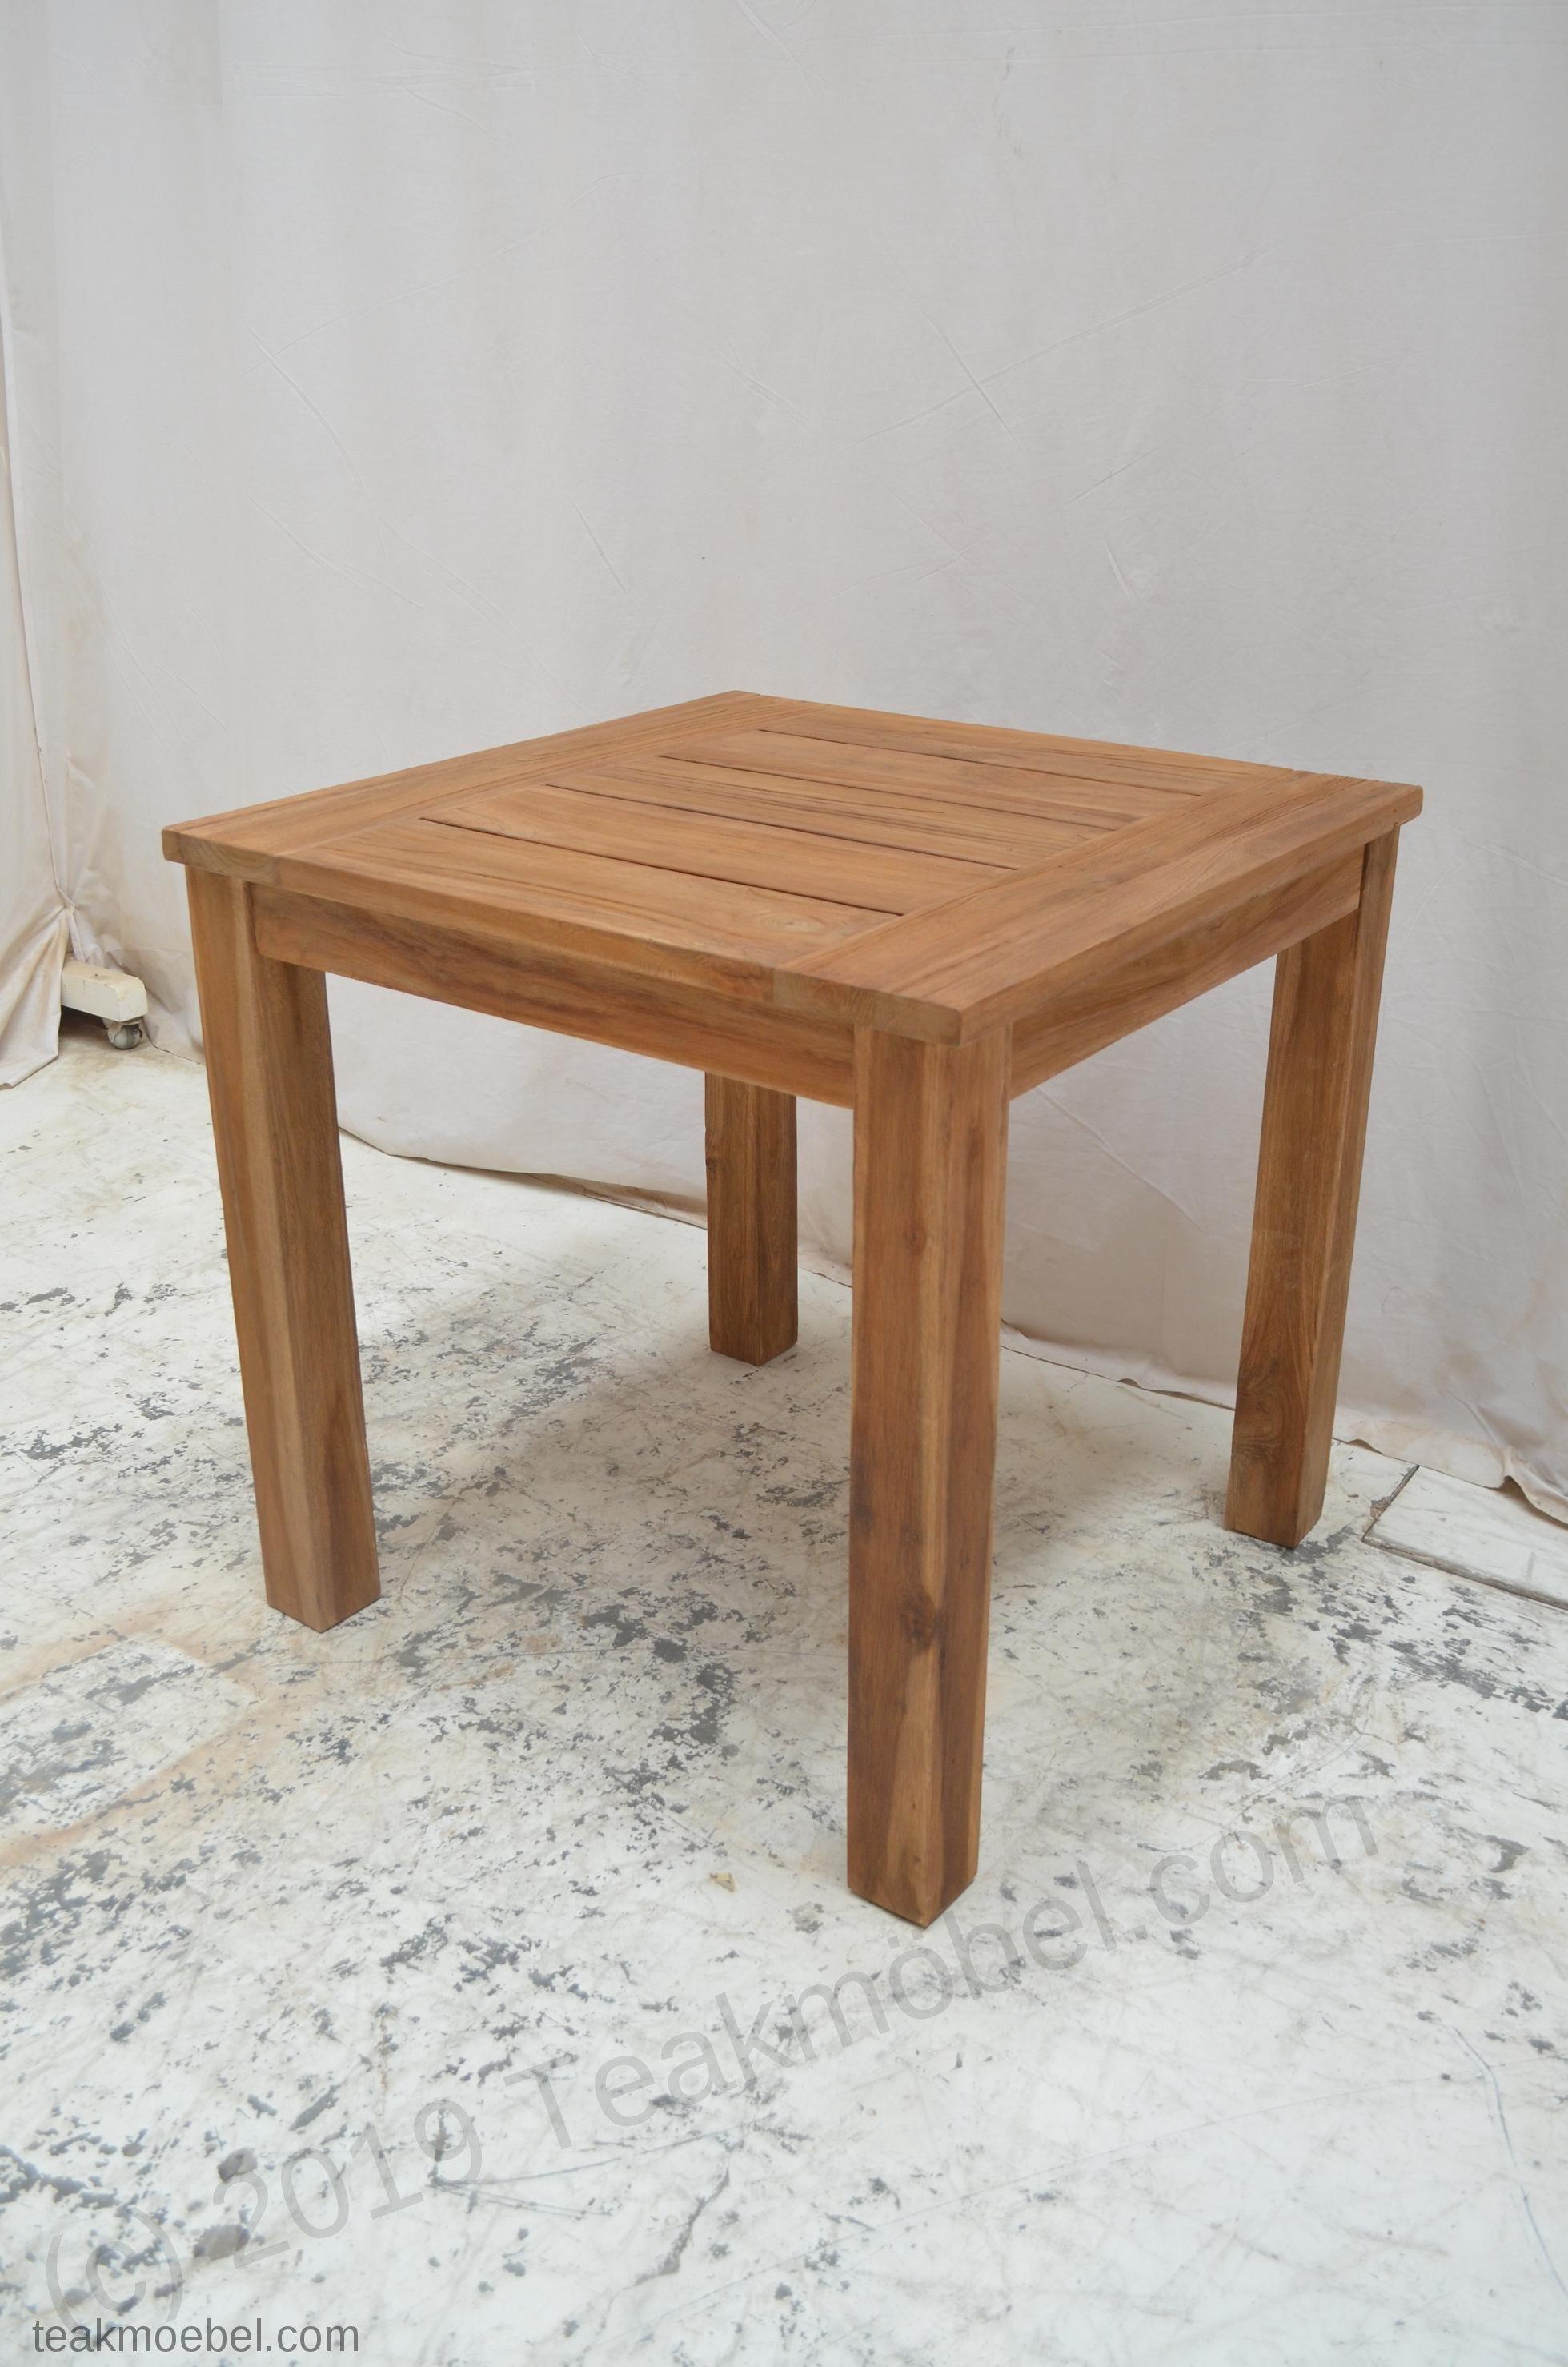 Butlers Online Gartenmobel Treviso Tlg Sessel Tisch X Cm With